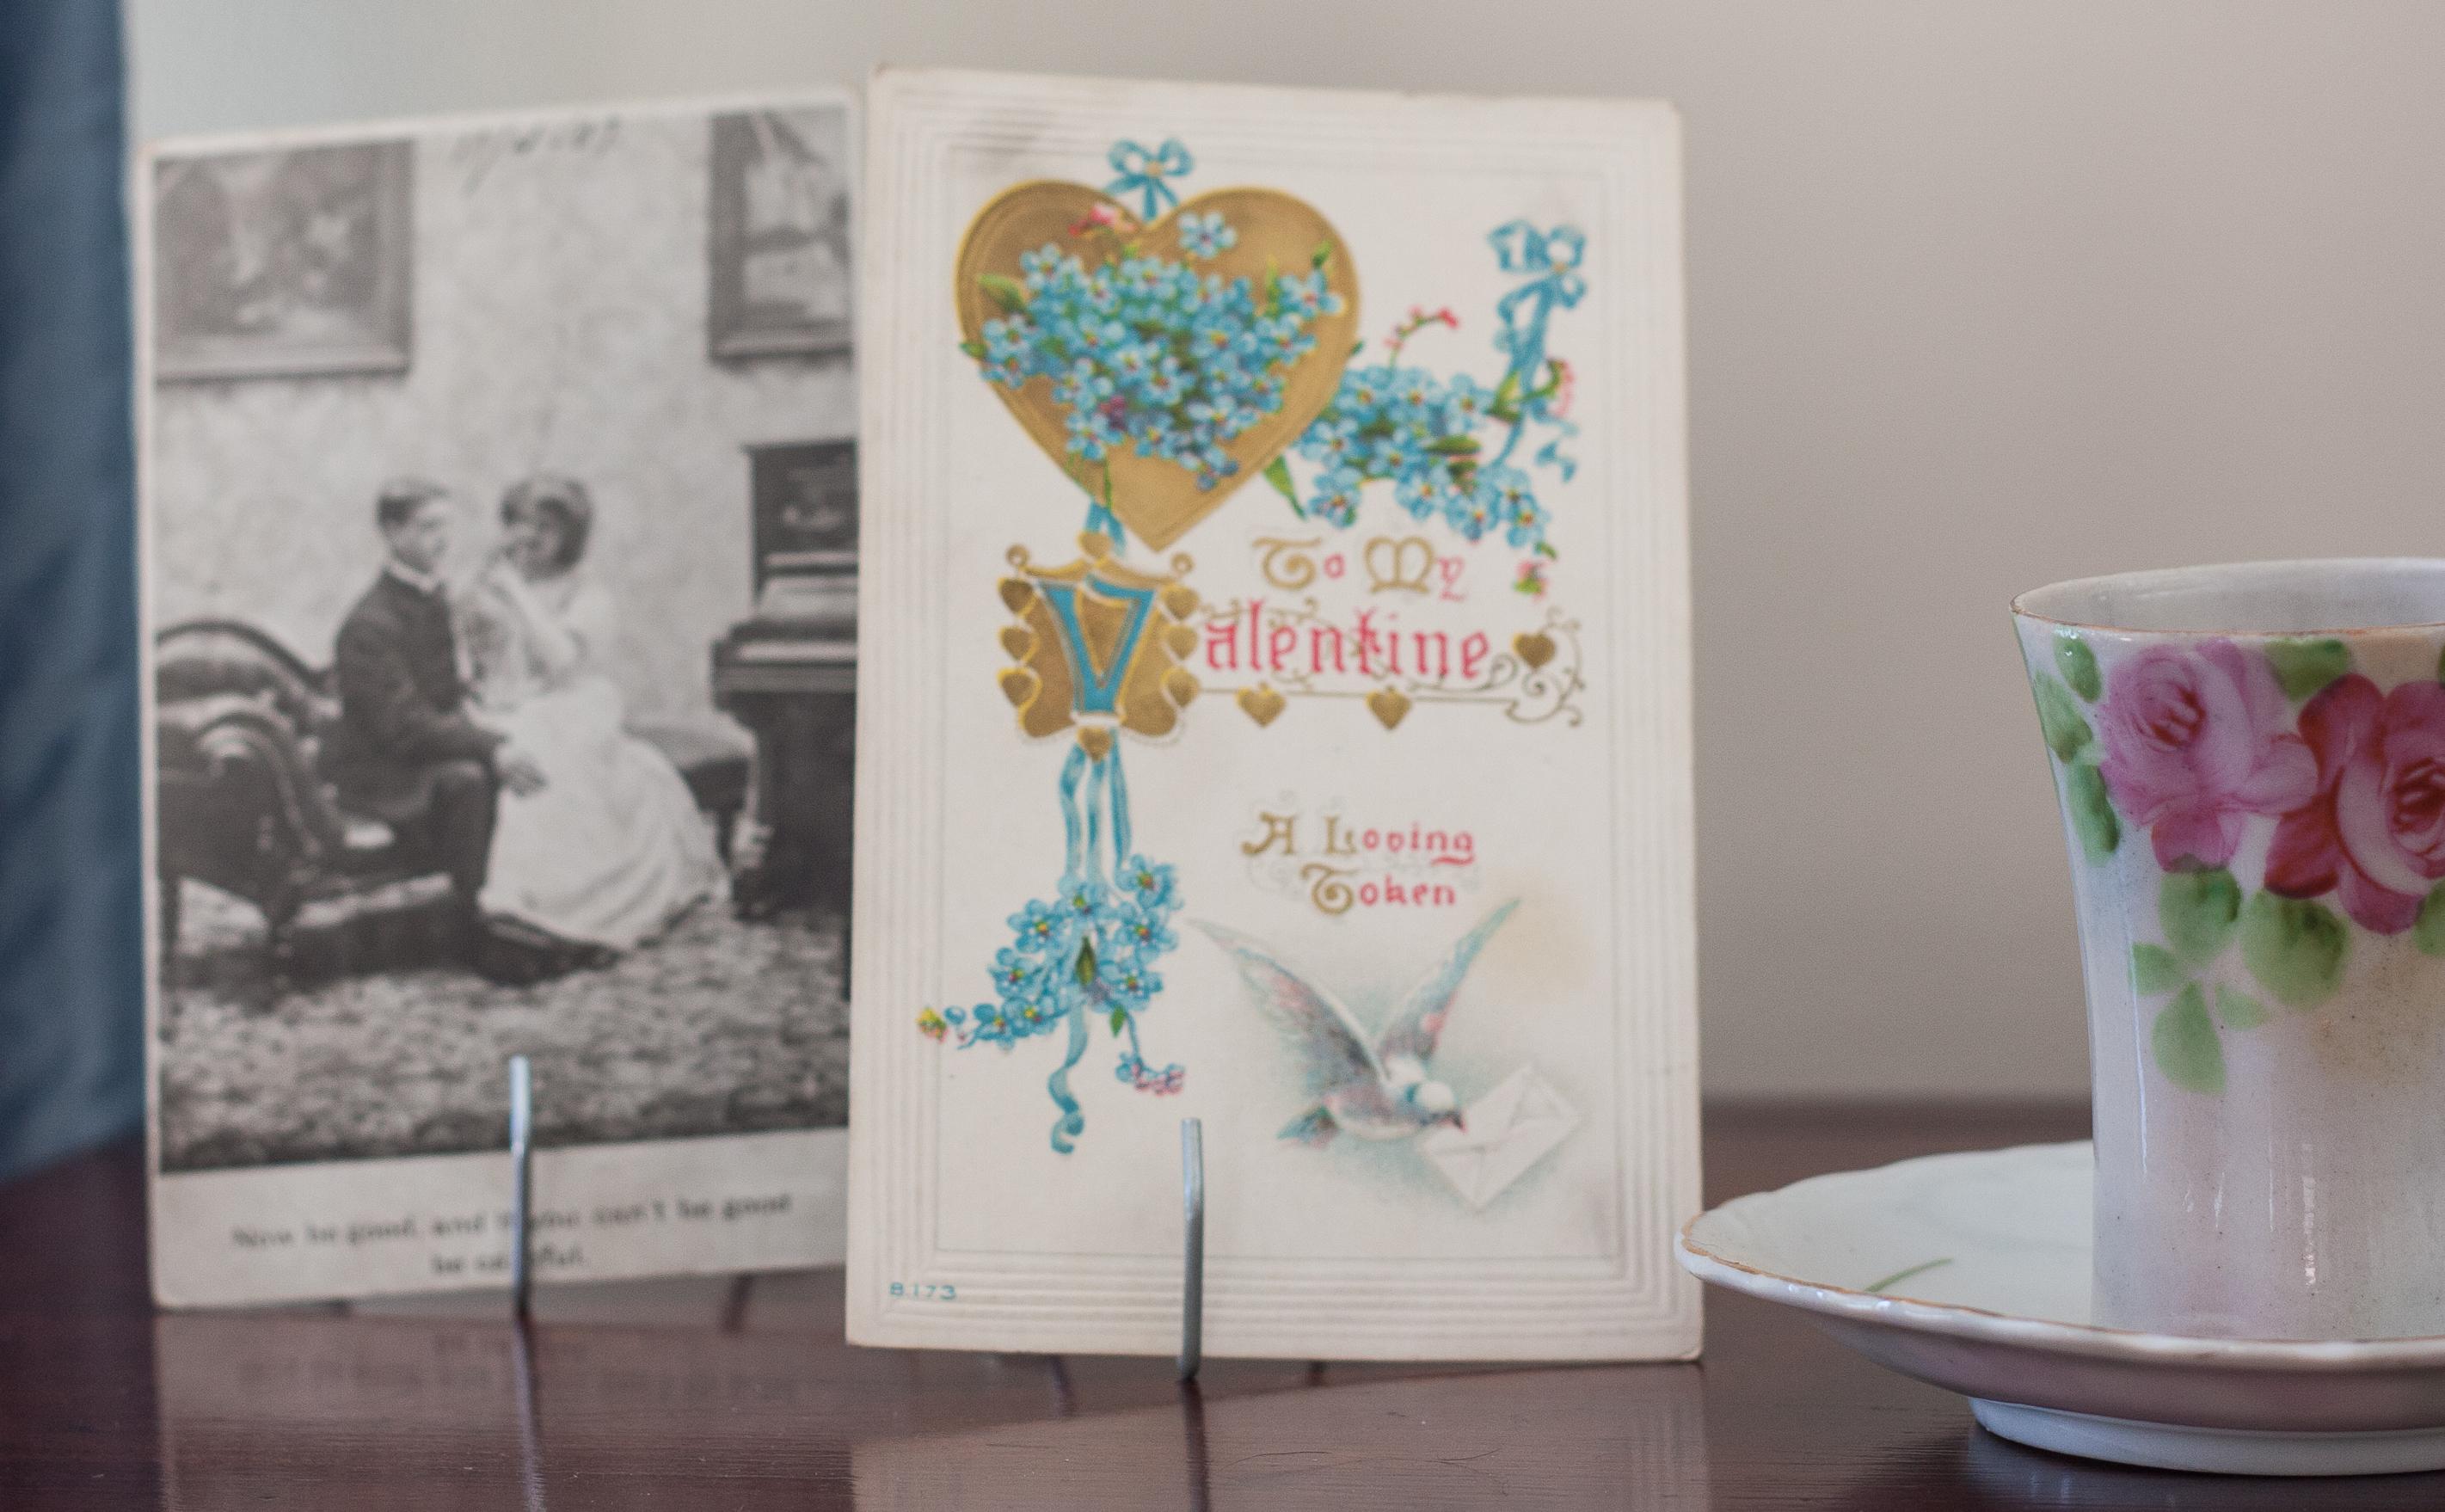 Vintage Valentine's Day Postcards #vintage #vintagepostcards #vintagevalentinesdaypostcards